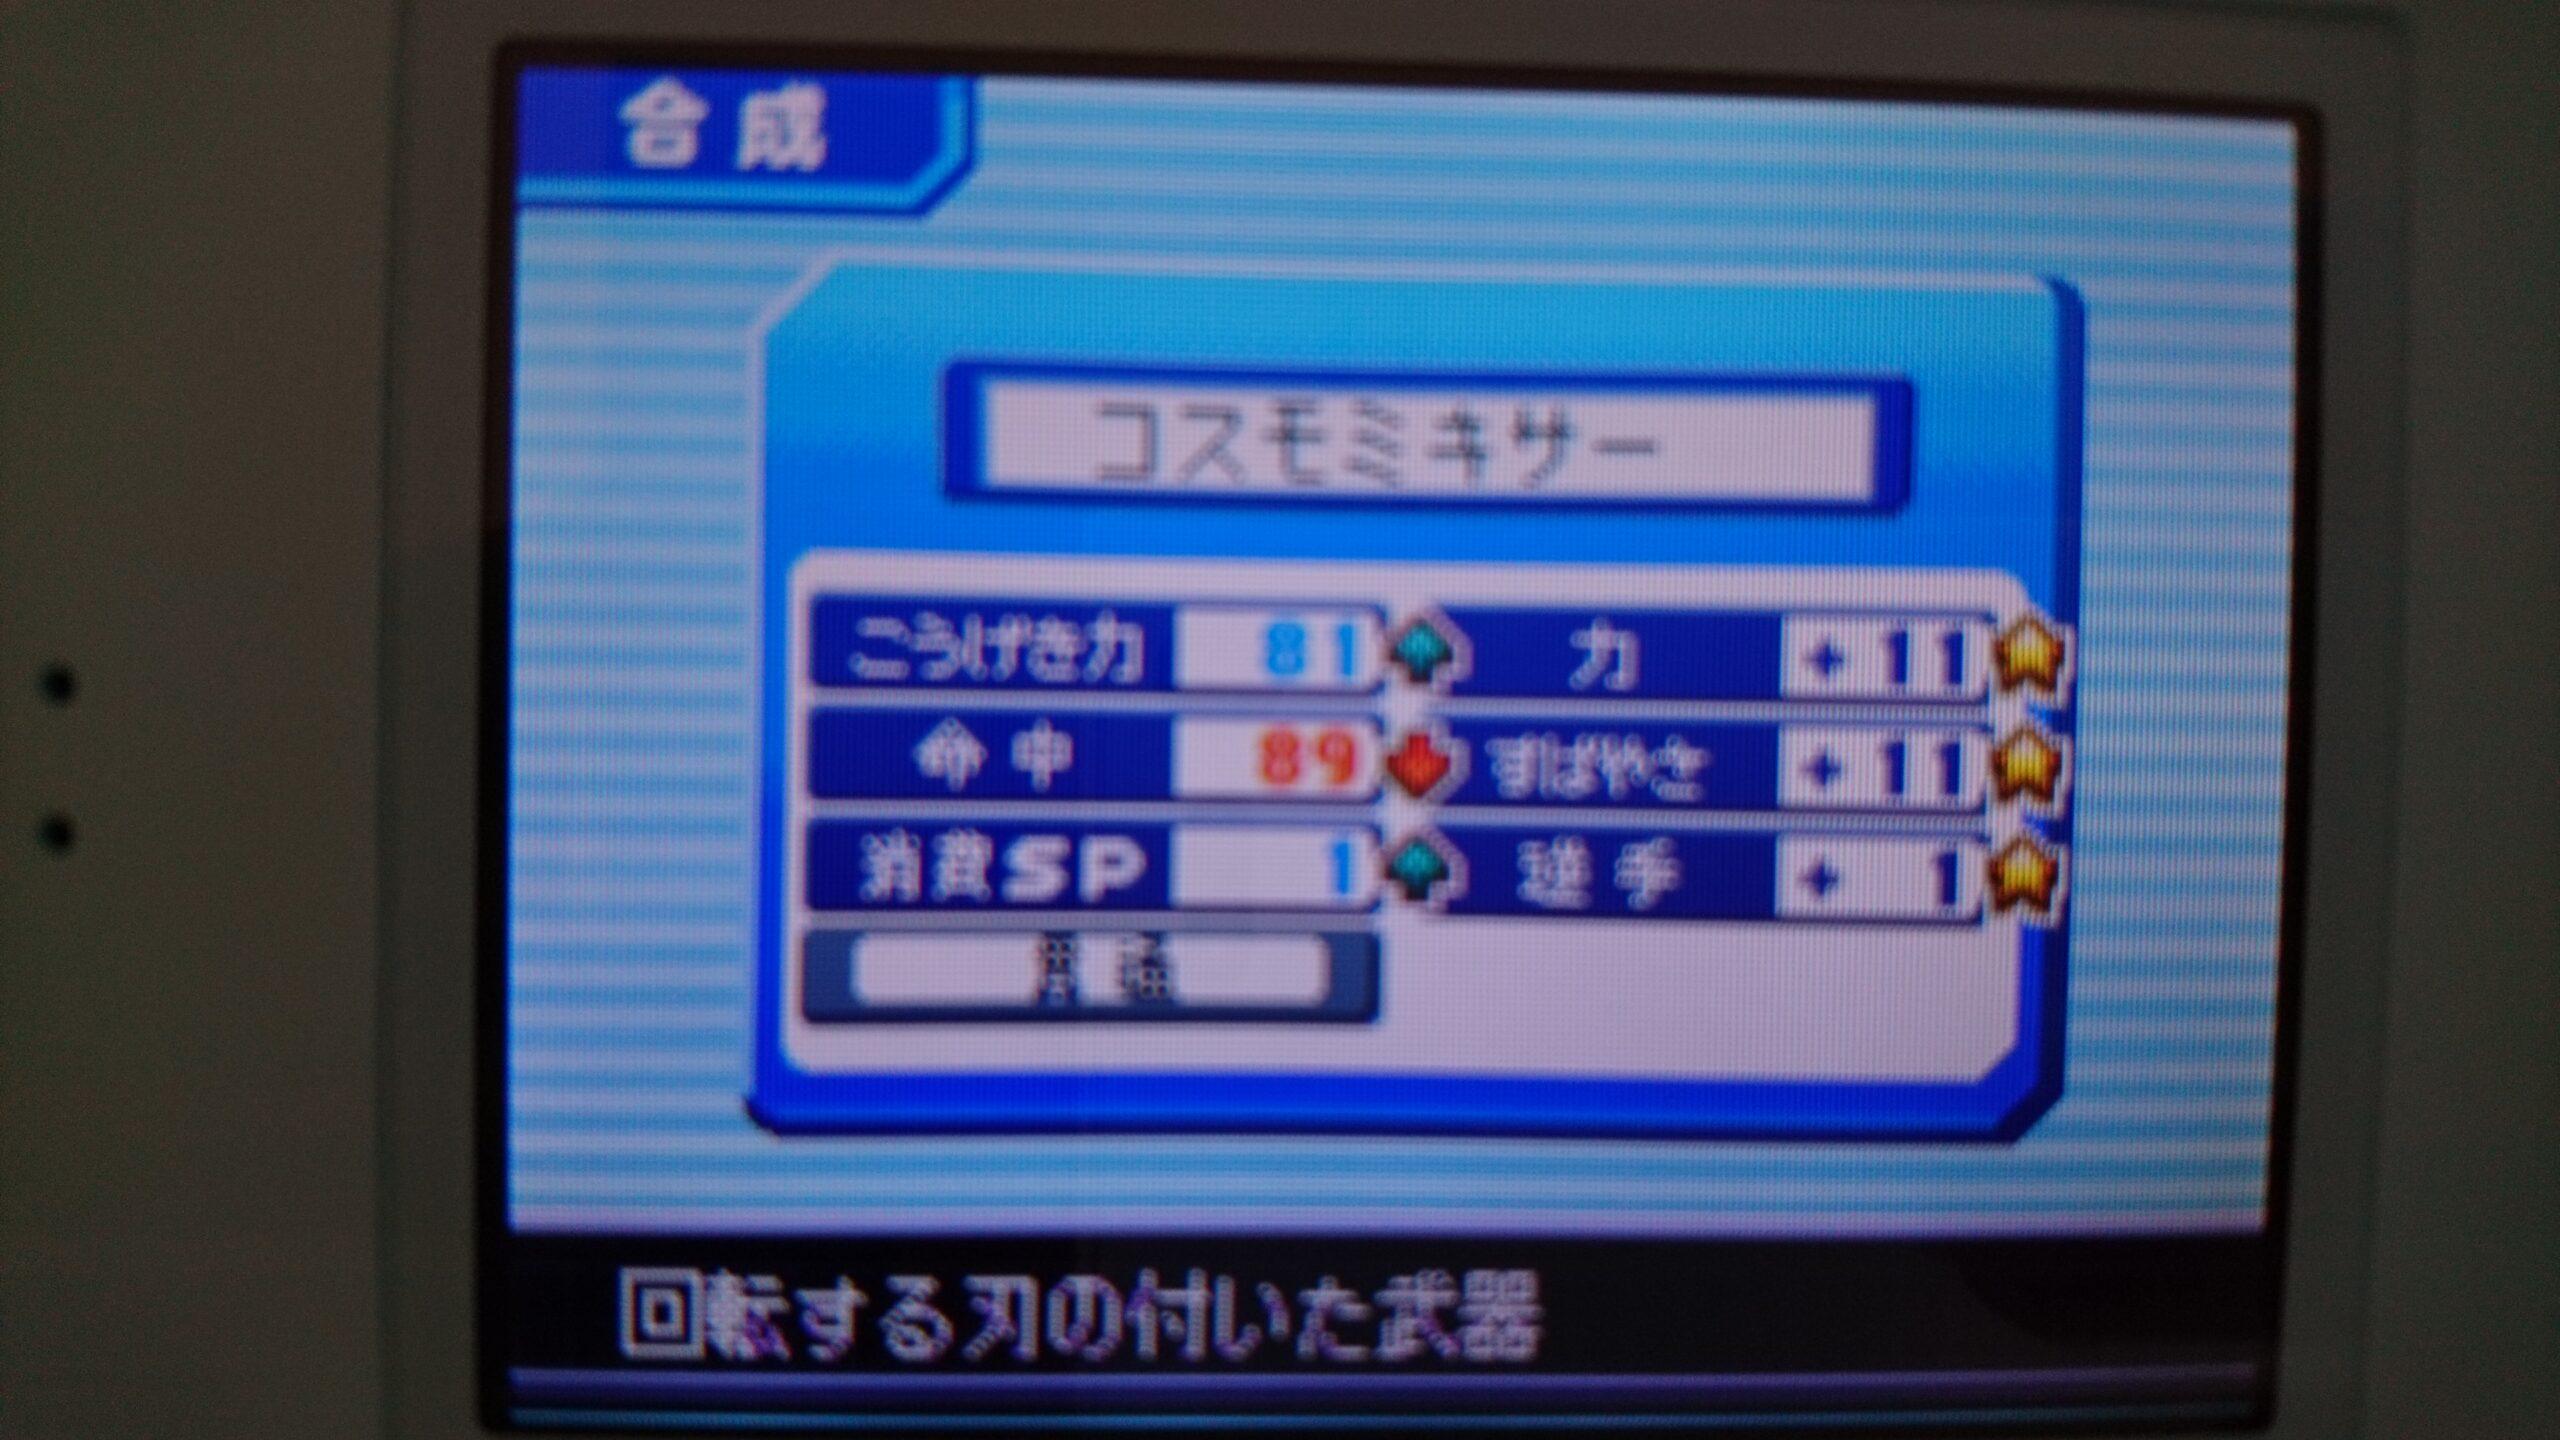 パワポケ11 SP1、逆手1、力すばやさMAXのとんでもないクレイジーコスモミキサー